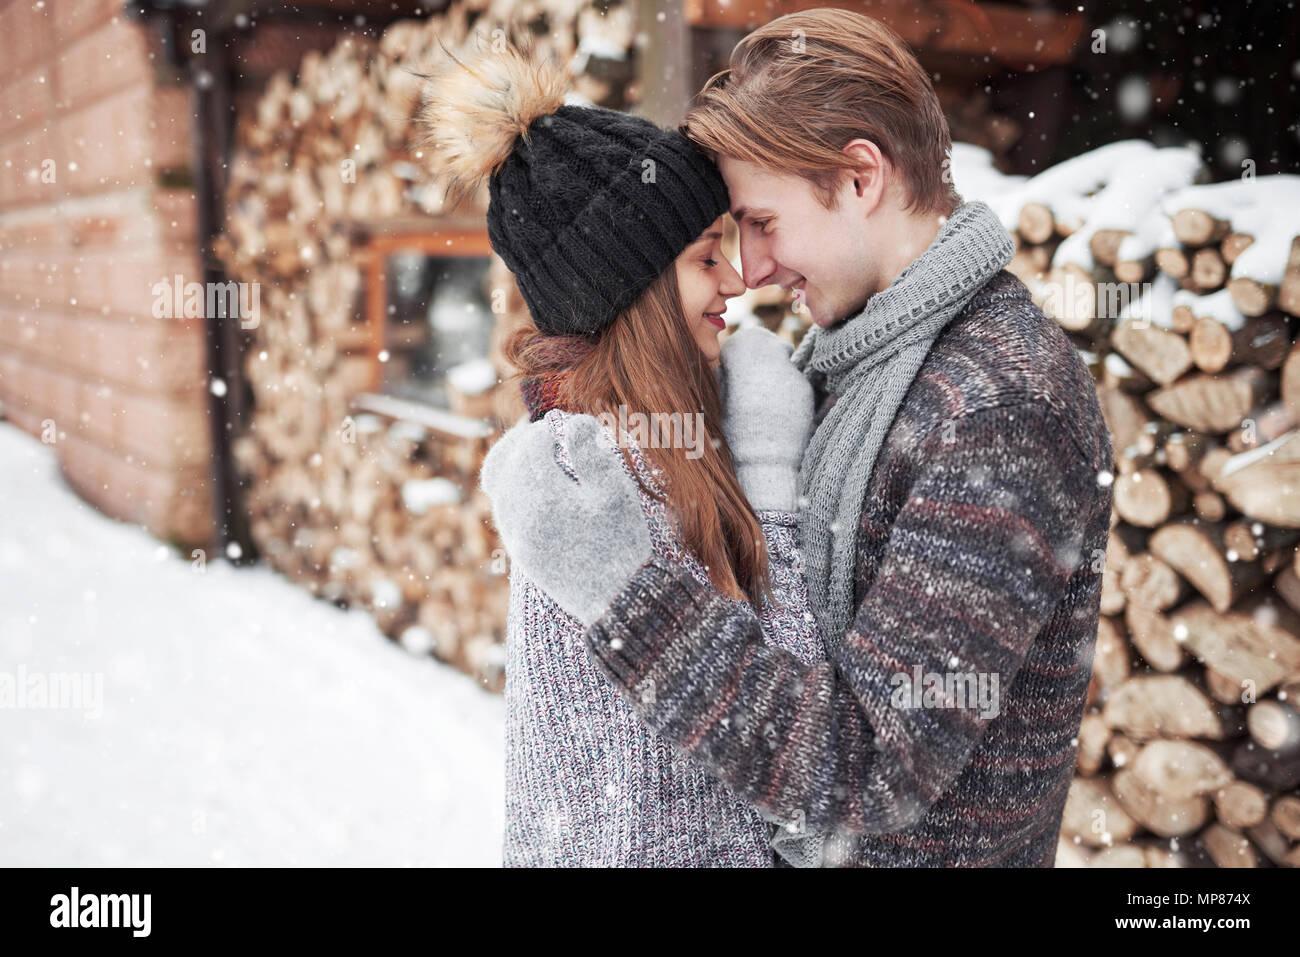 Christmas happy couple in love abraçar no frio de inverno com neve, floresta, espaço de cópia, festa de ano novo celebração, feriado e férias, viagens, amor e relações Imagens de Stock